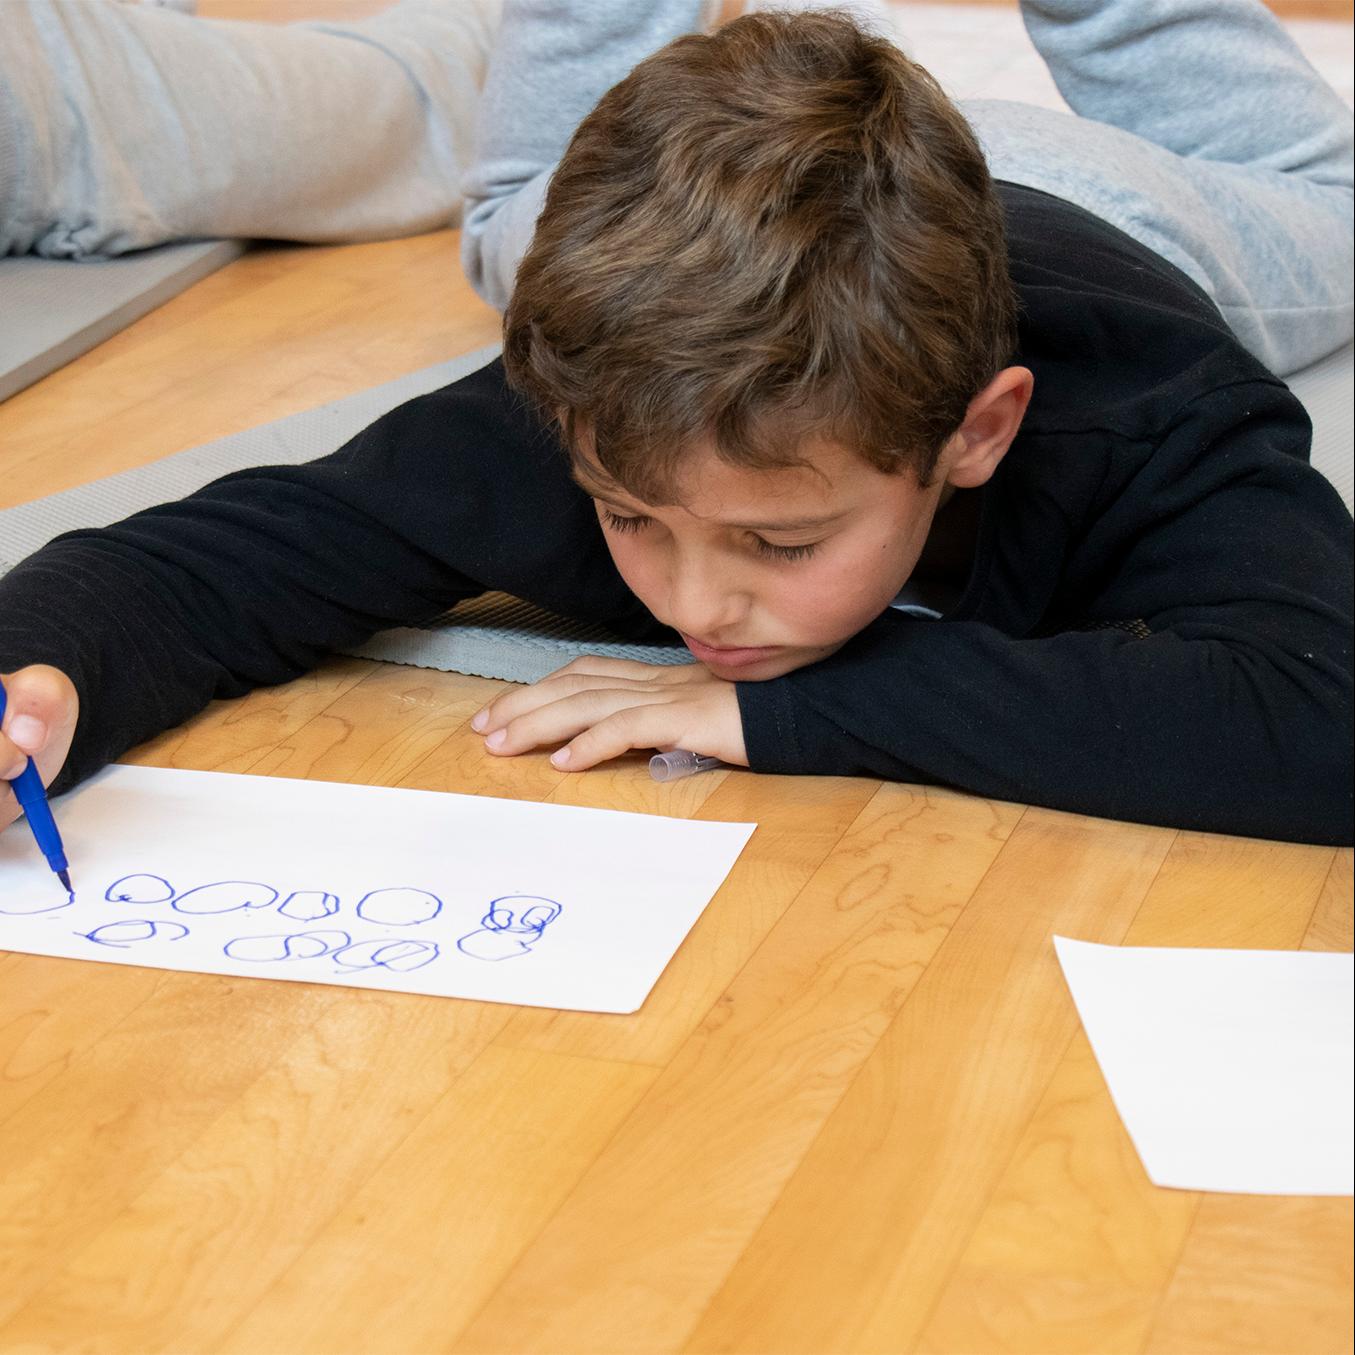 kids01 01 - Programa Mindfulness